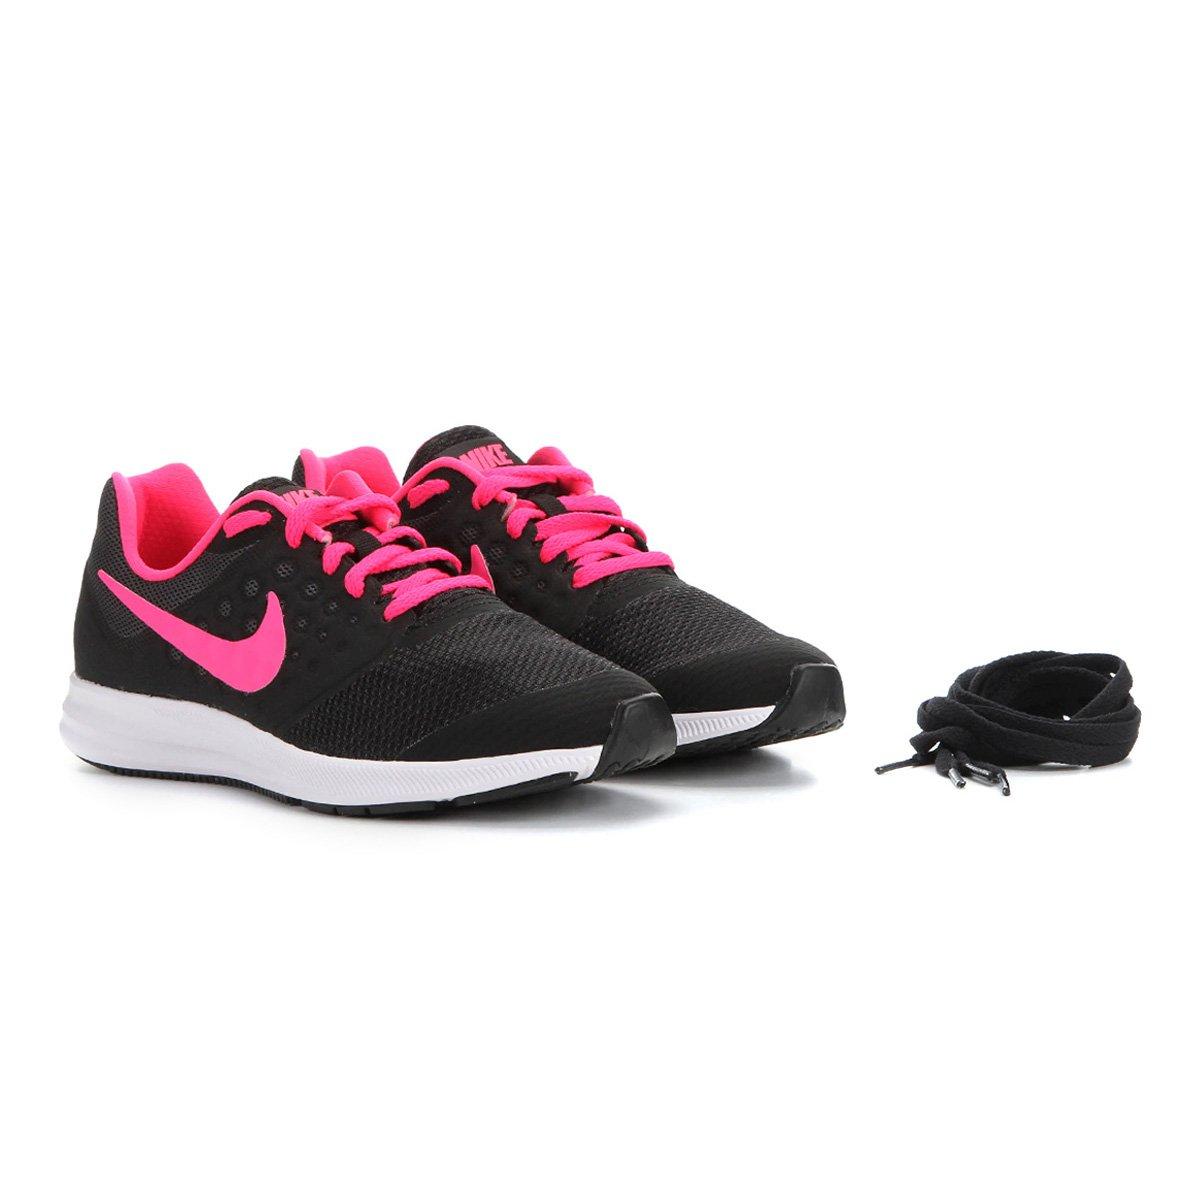 Tênis Infantil Nike Downshifter 7 Preto E Rosa